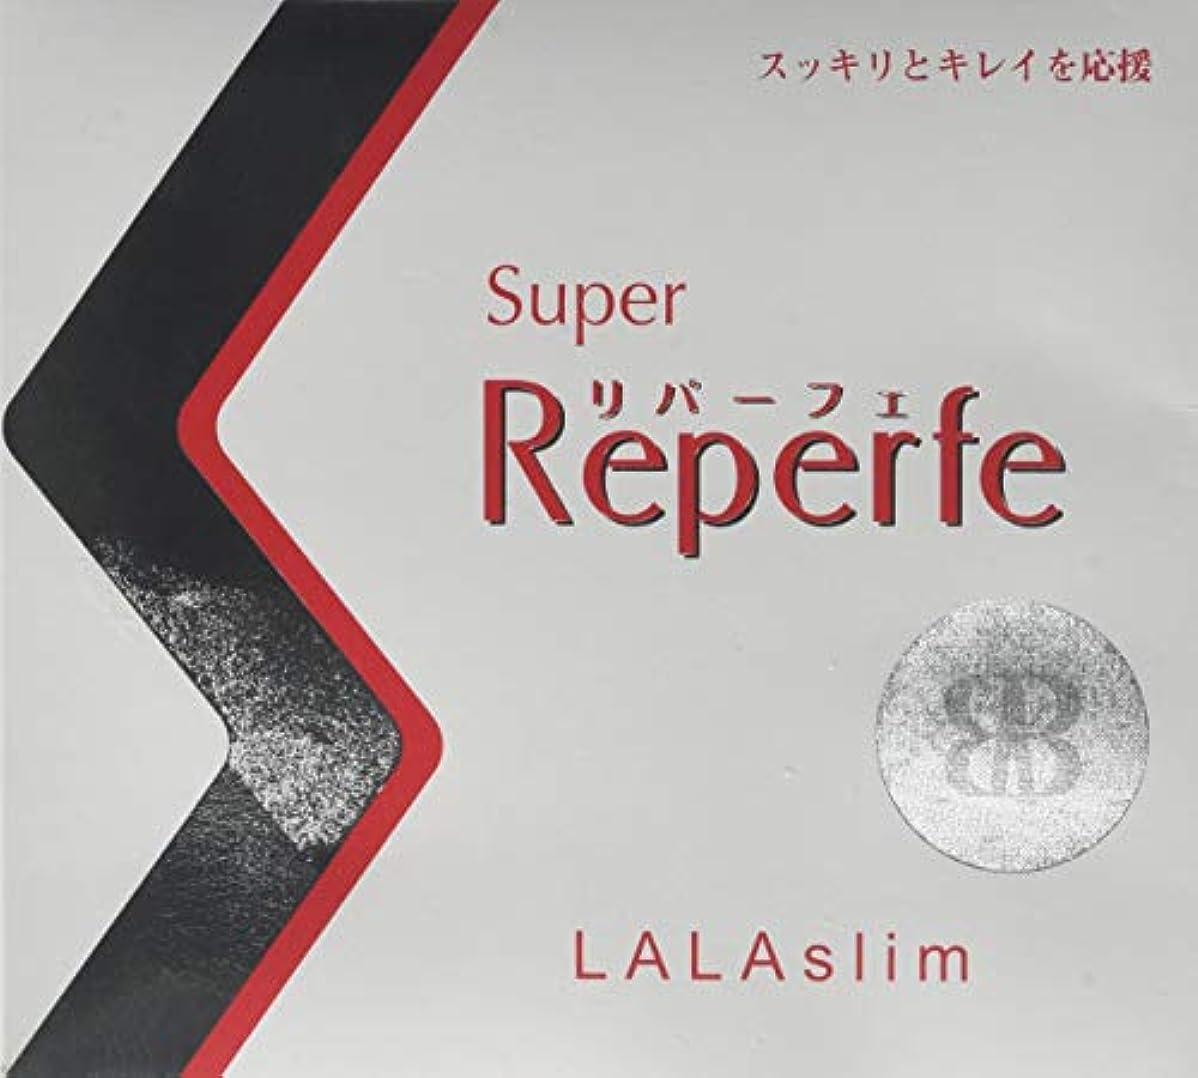 生き物役に立たない。スーパーリパーフェ ララスリム 錠剤タイプ×5箱